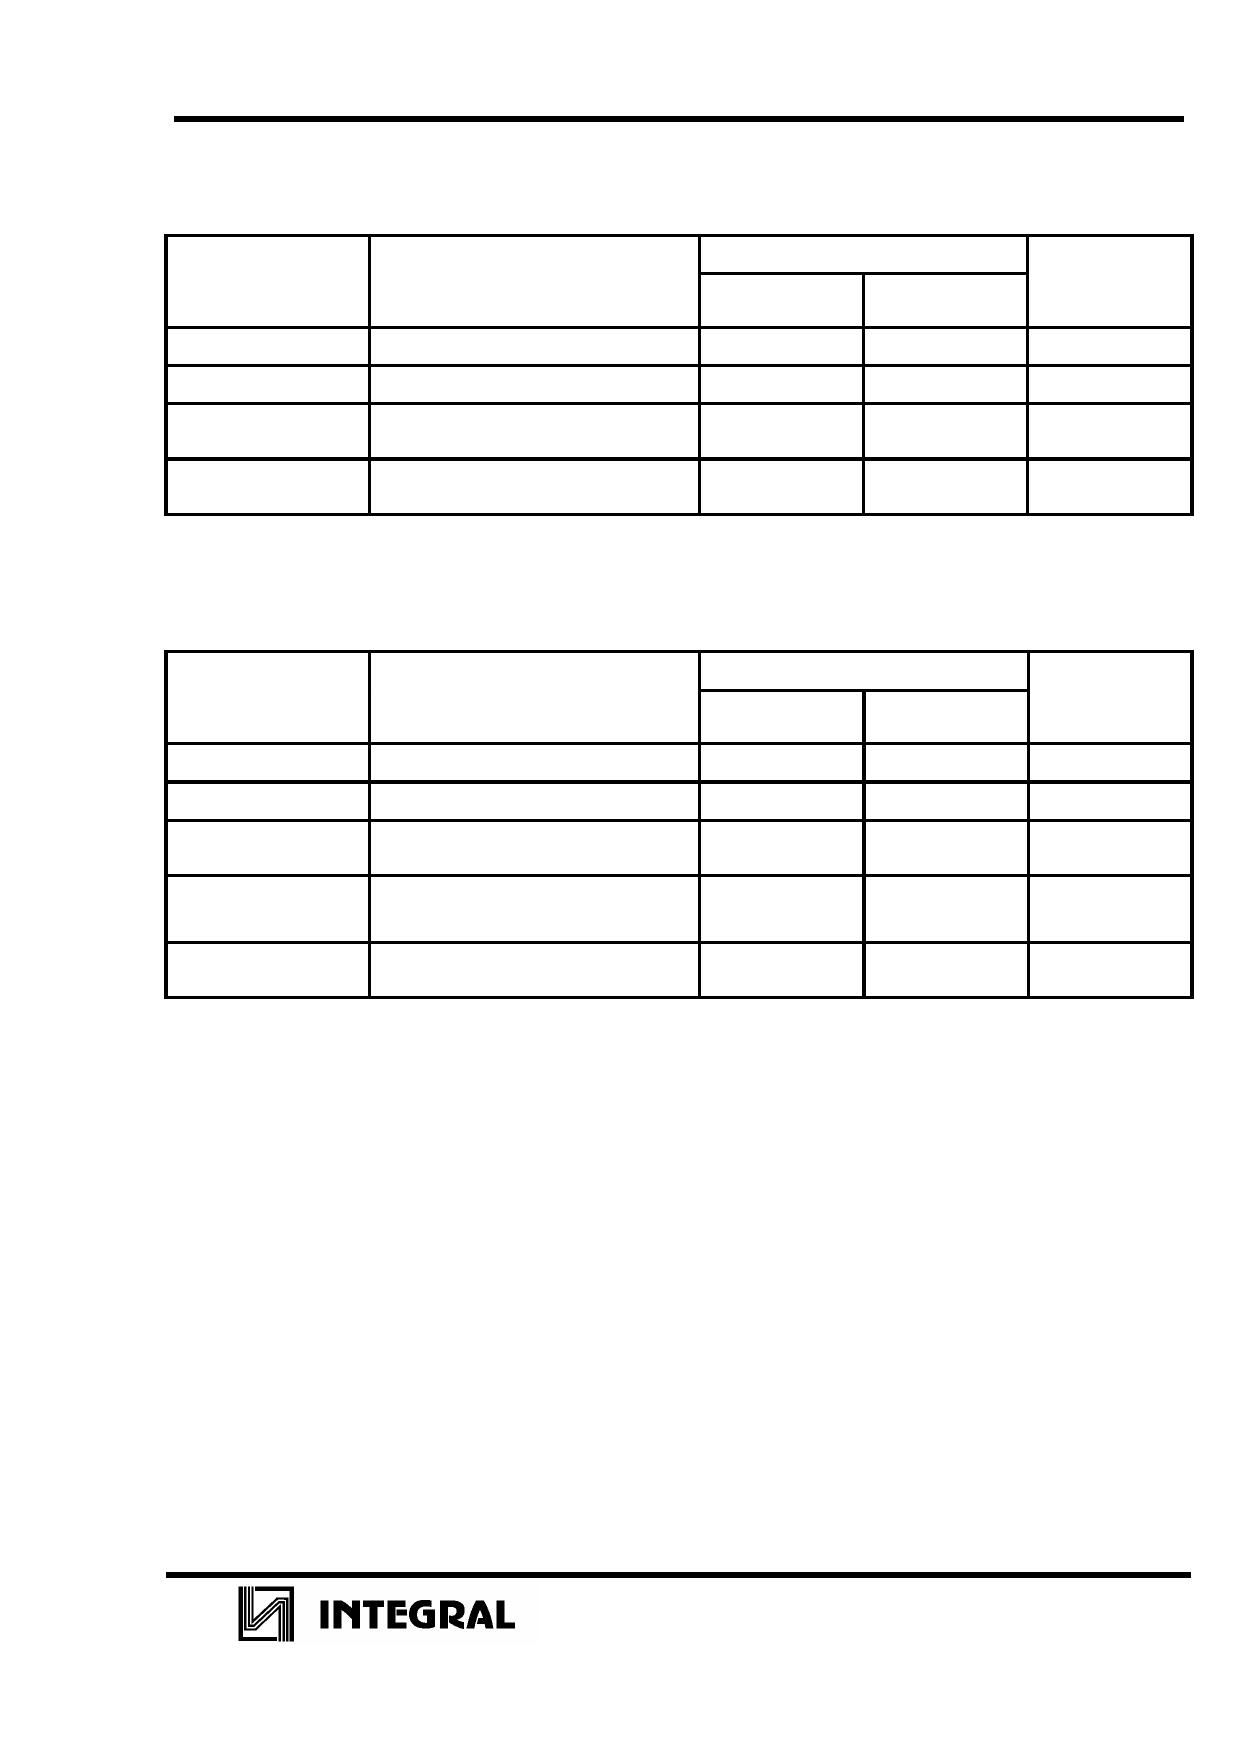 IL9200AN pdf, ピン配列